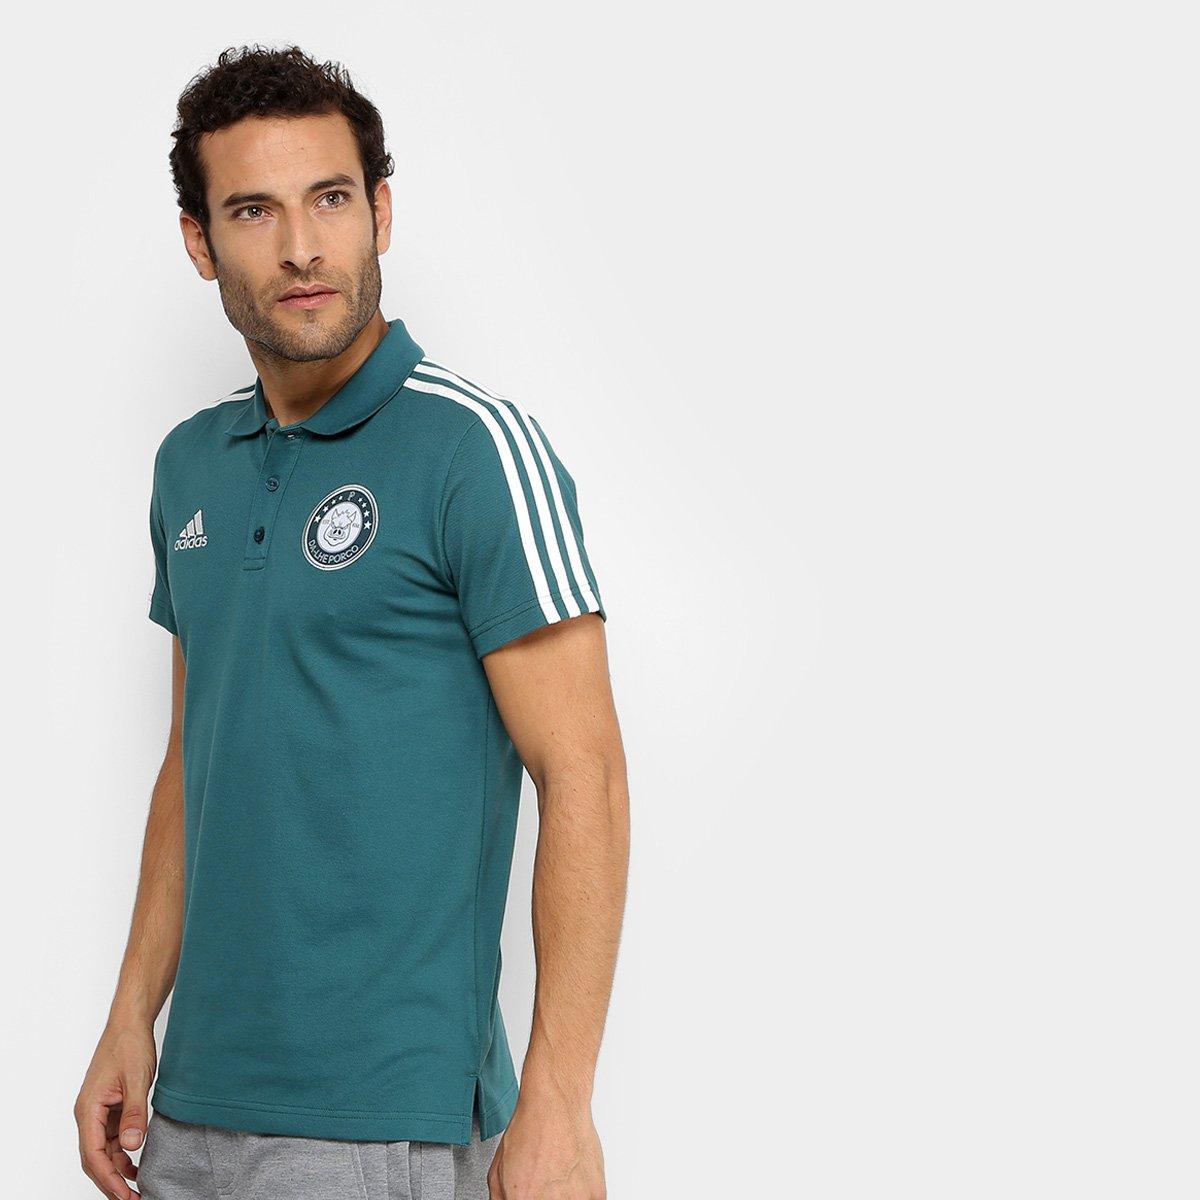 Camisa Polo Palmeiras 3S Adidas Masculina - Verde - Compre Agora ... 8208d2baa23e7